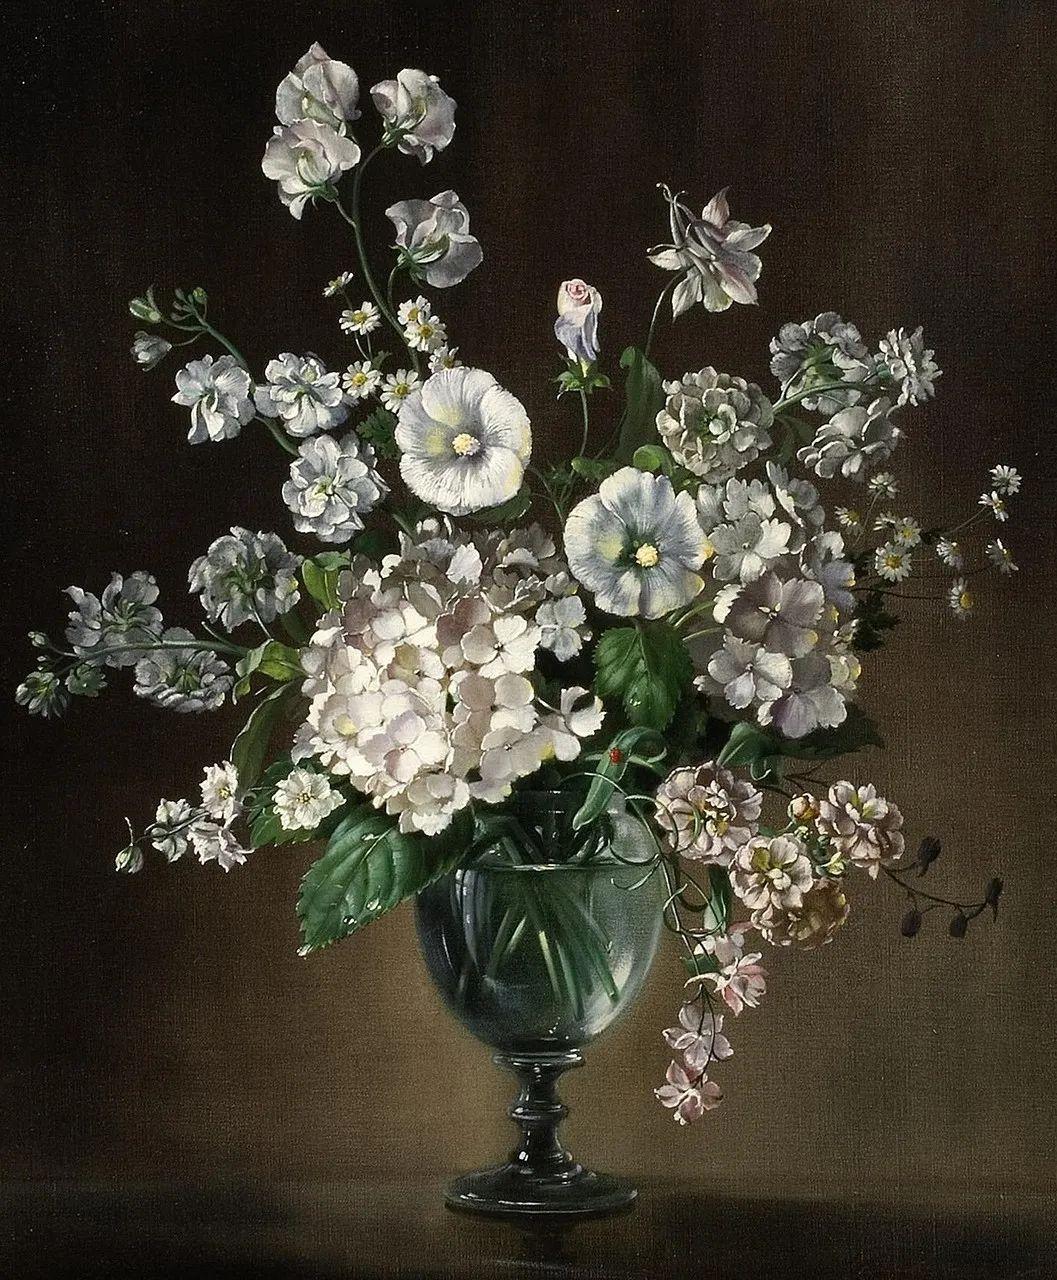 英国最伟大的花卉画家之一,艺术家塞西尔·肯尼迪插图75